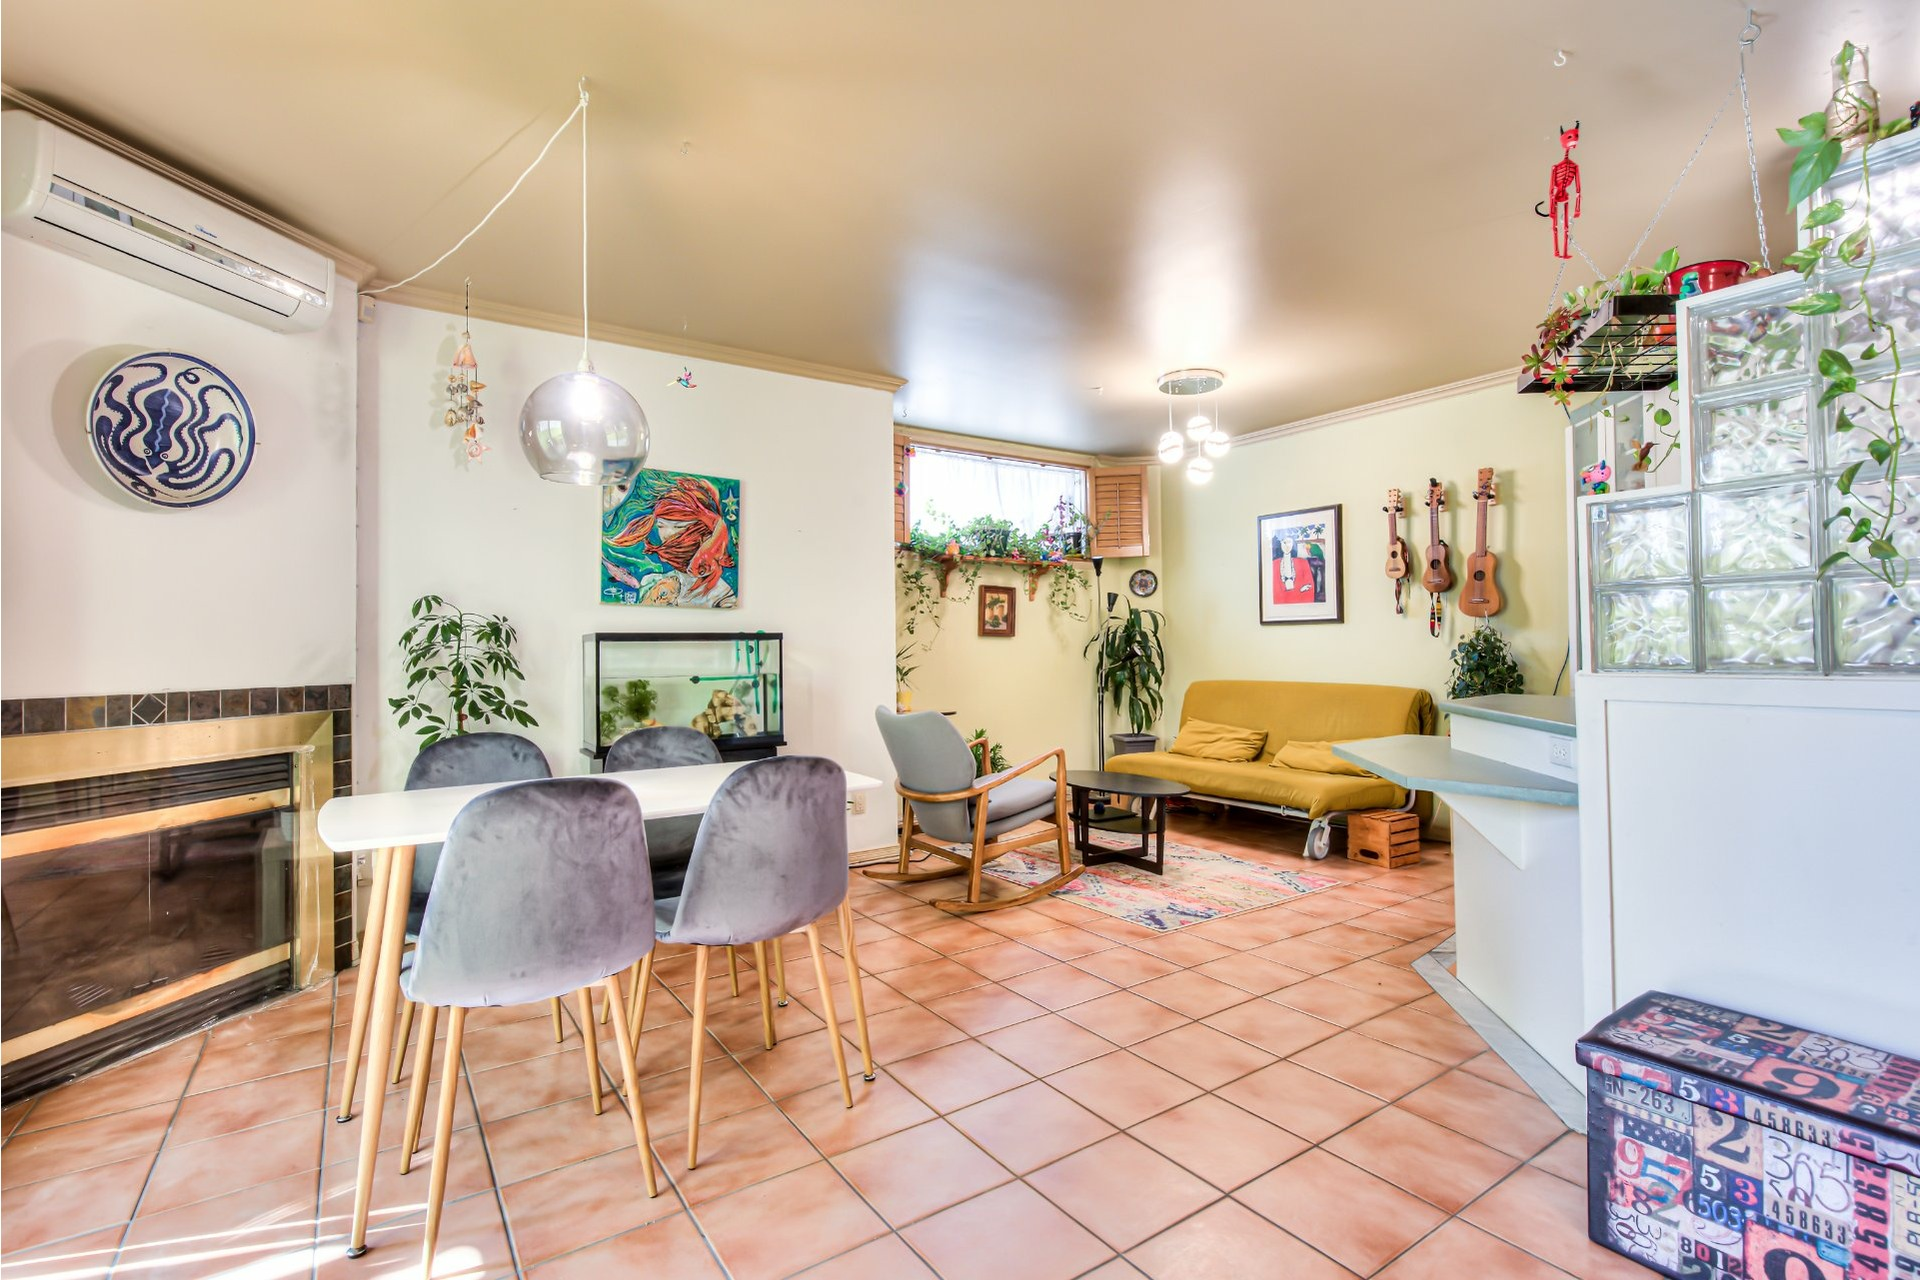 image 7 - Appartement À vendre Ville-Marie Montréal  - 6 pièces